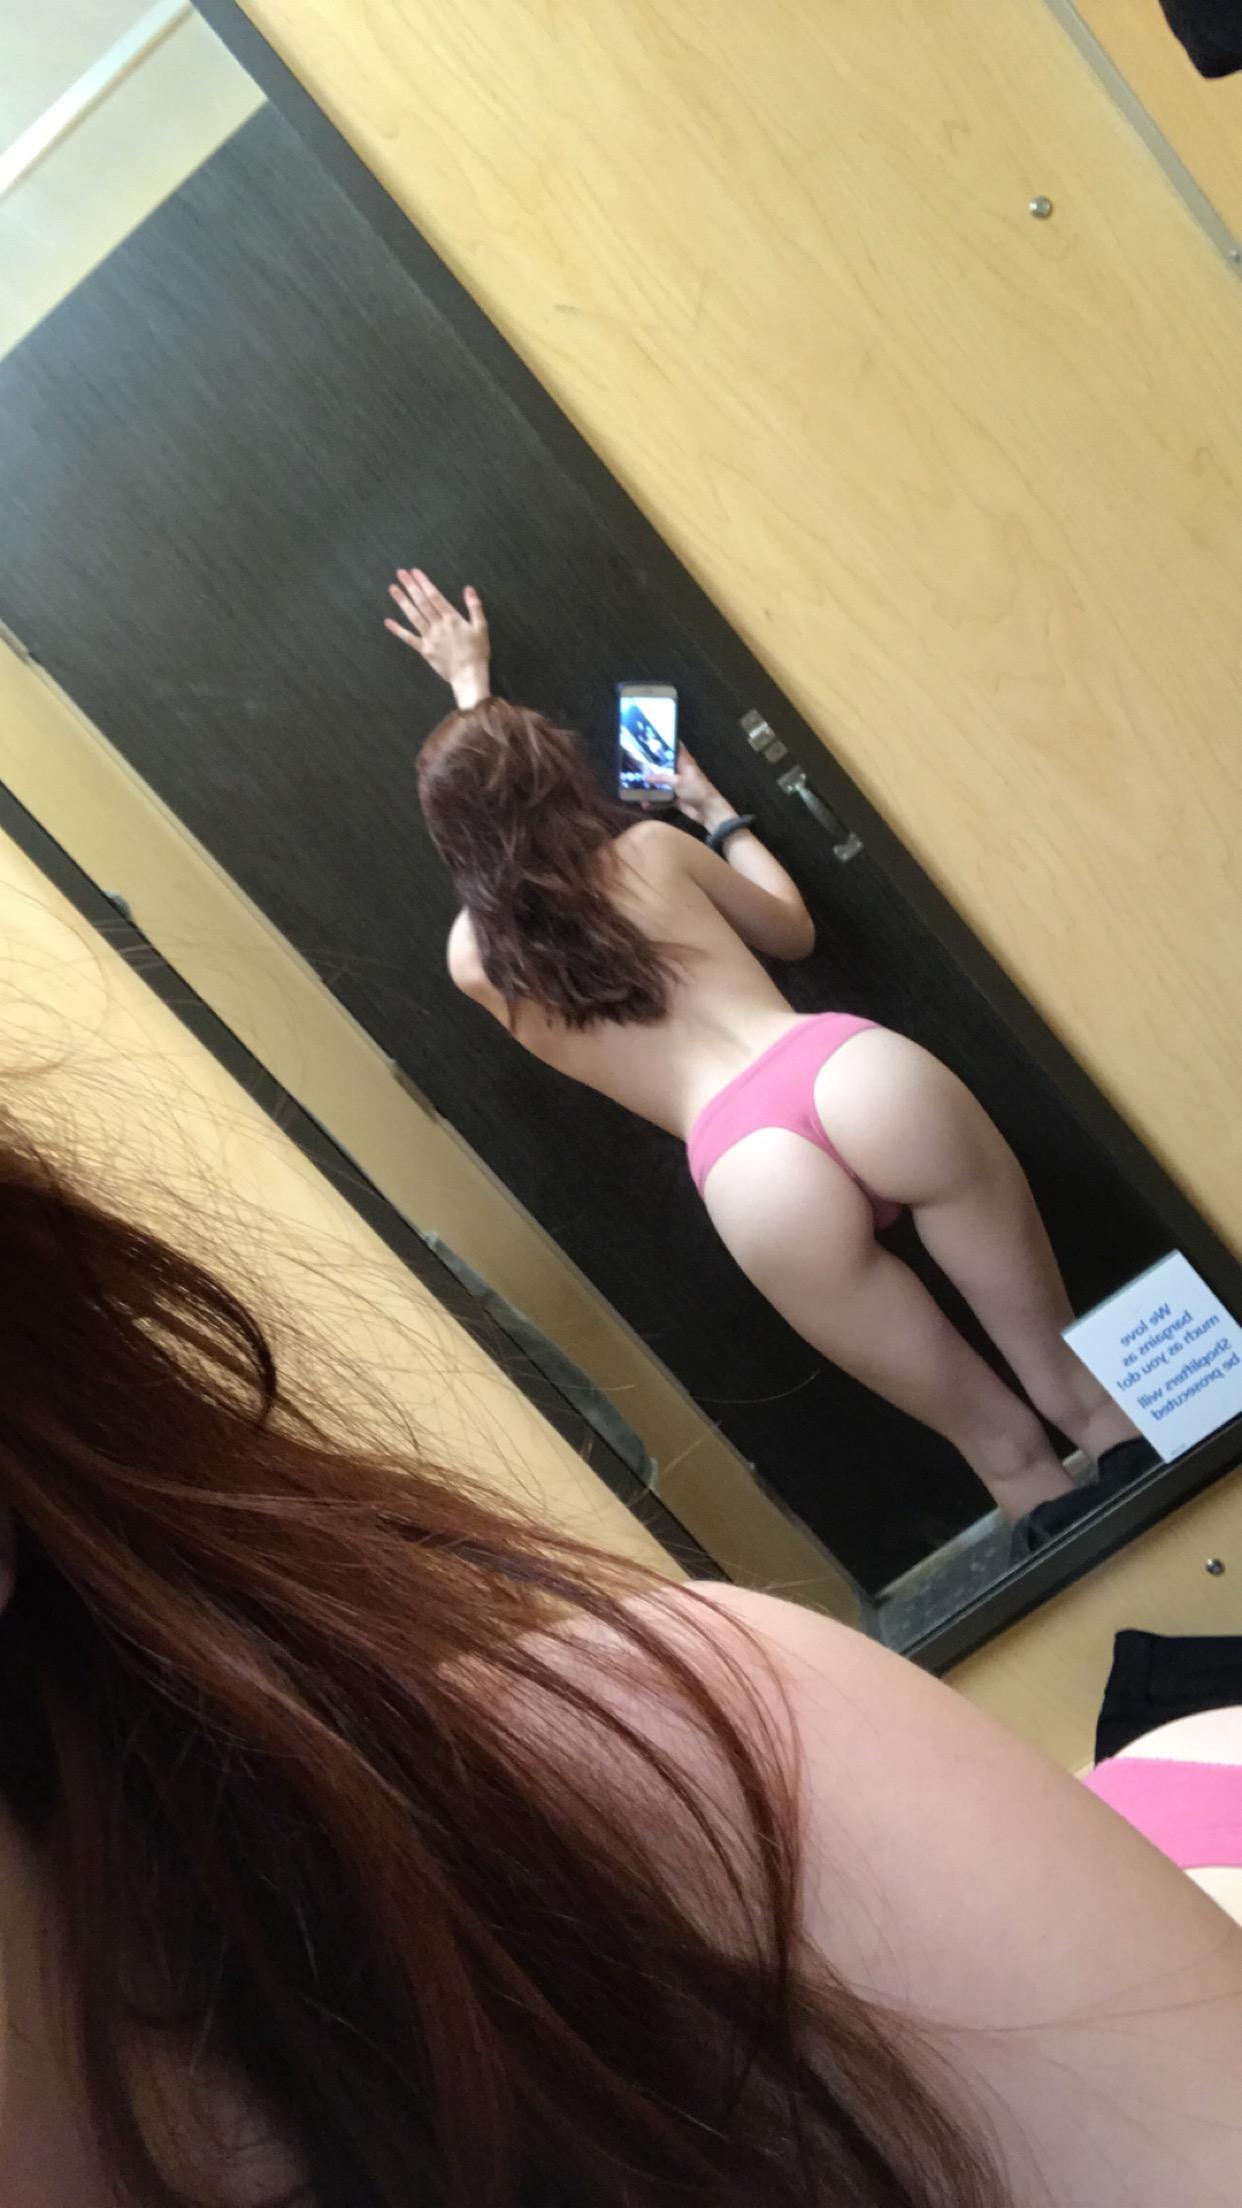 U Vmber Hot Little Web Whore0027